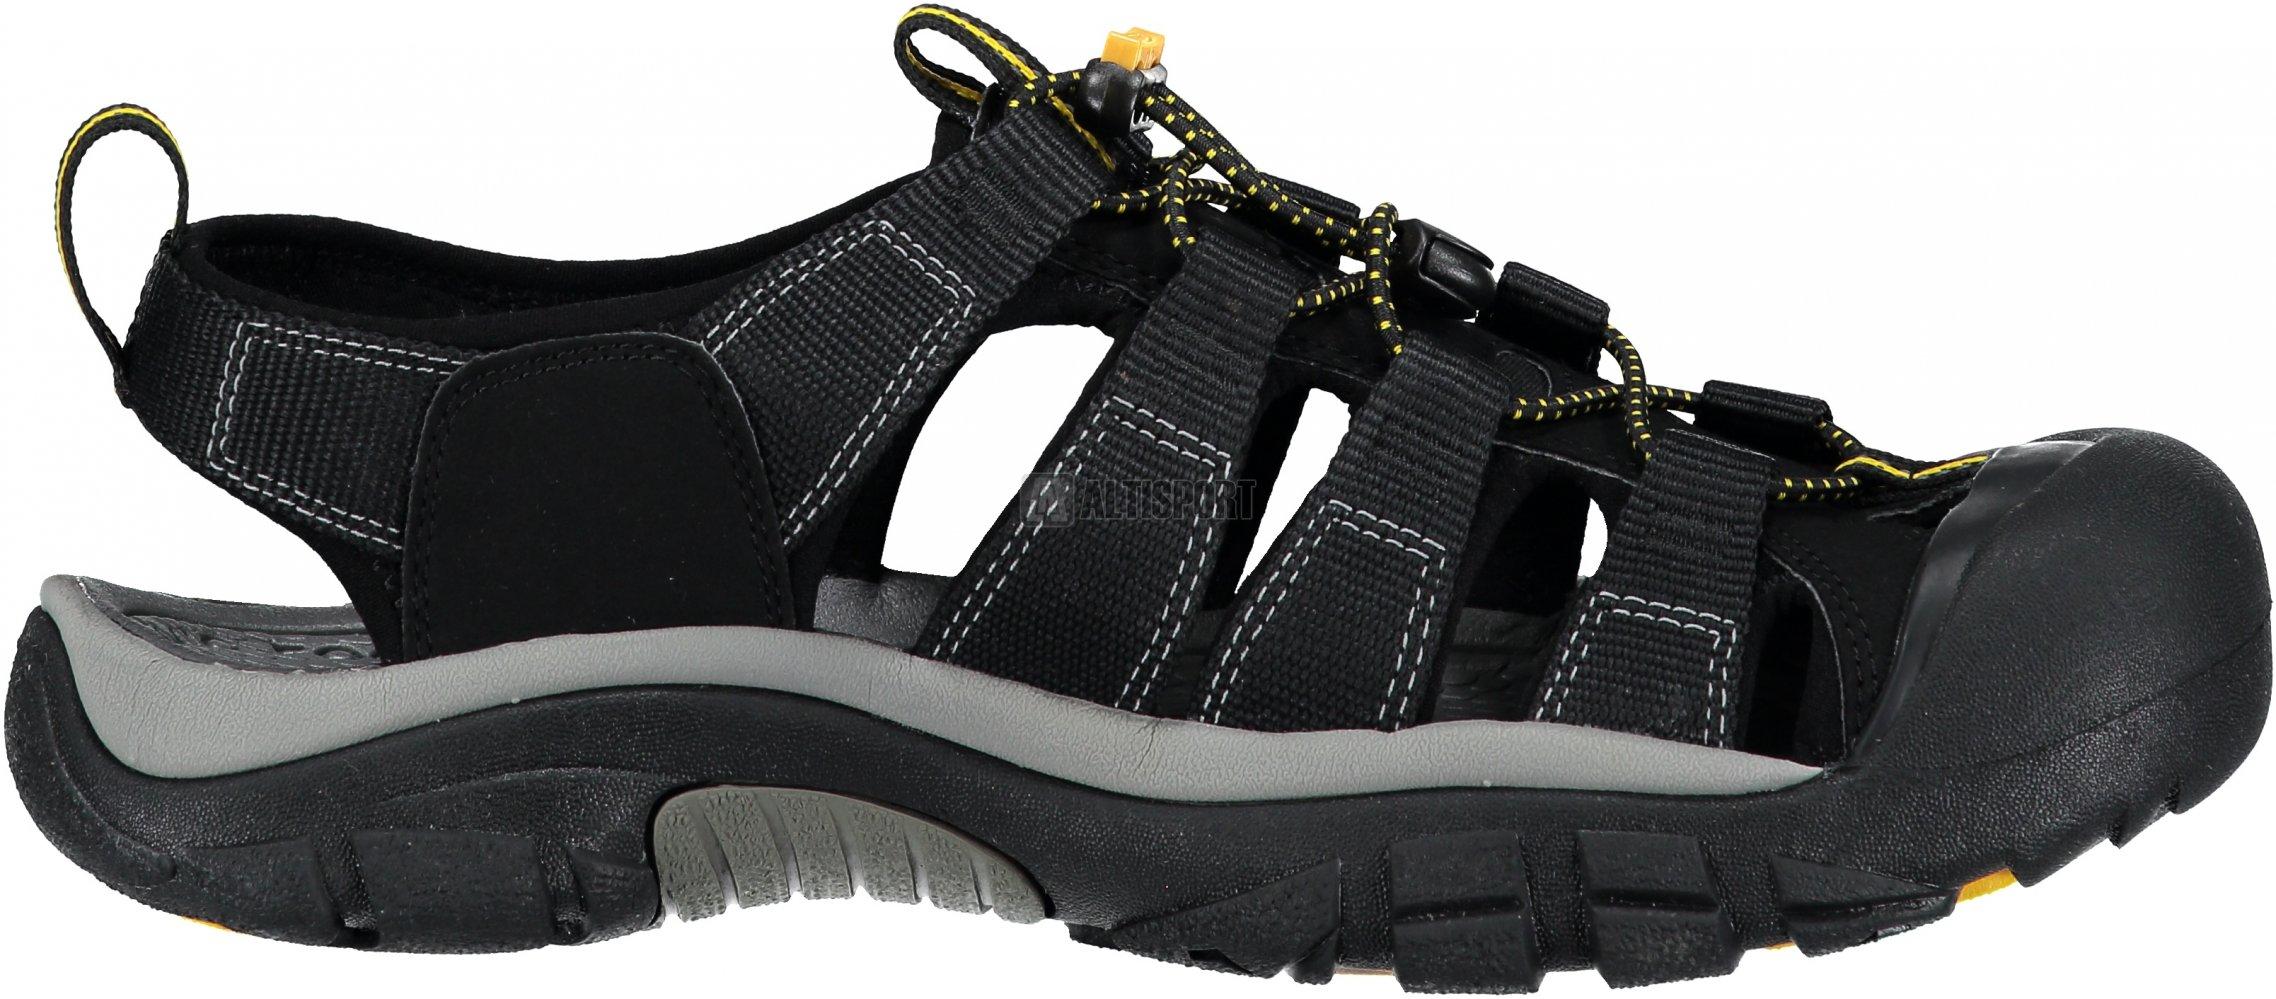 07f6ca469d0c Pánské sandále KEEN NEWPORT H2 M BLACK velikost  44 ( 9